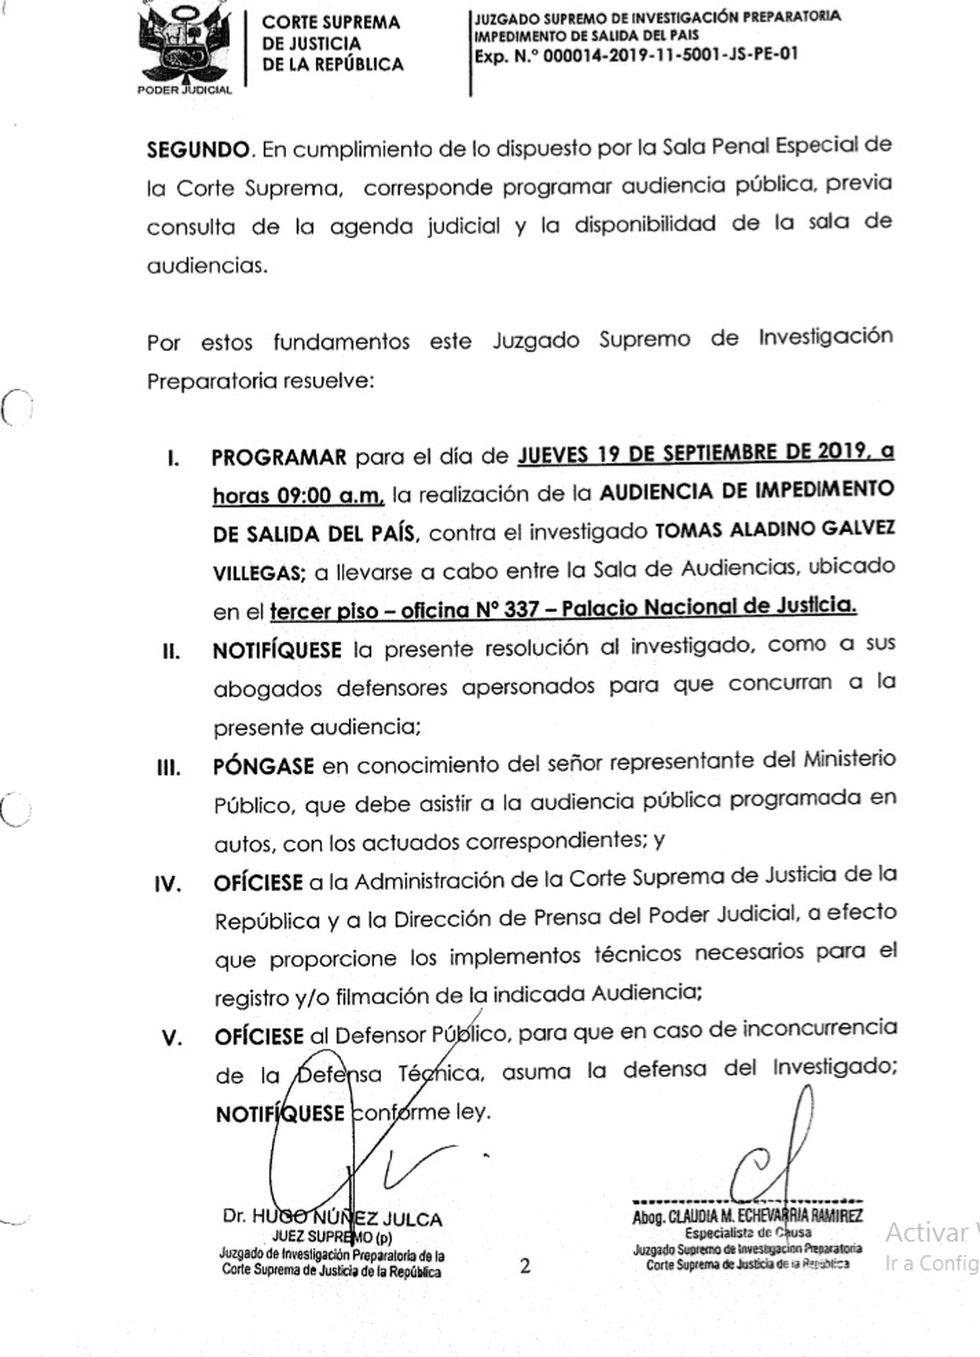 Corte Suprema analizará pedido de impedimento de salida del país contra el fiscal supremo Tomás Gálvez por el caso Los Cuellos Blancos del Puerto